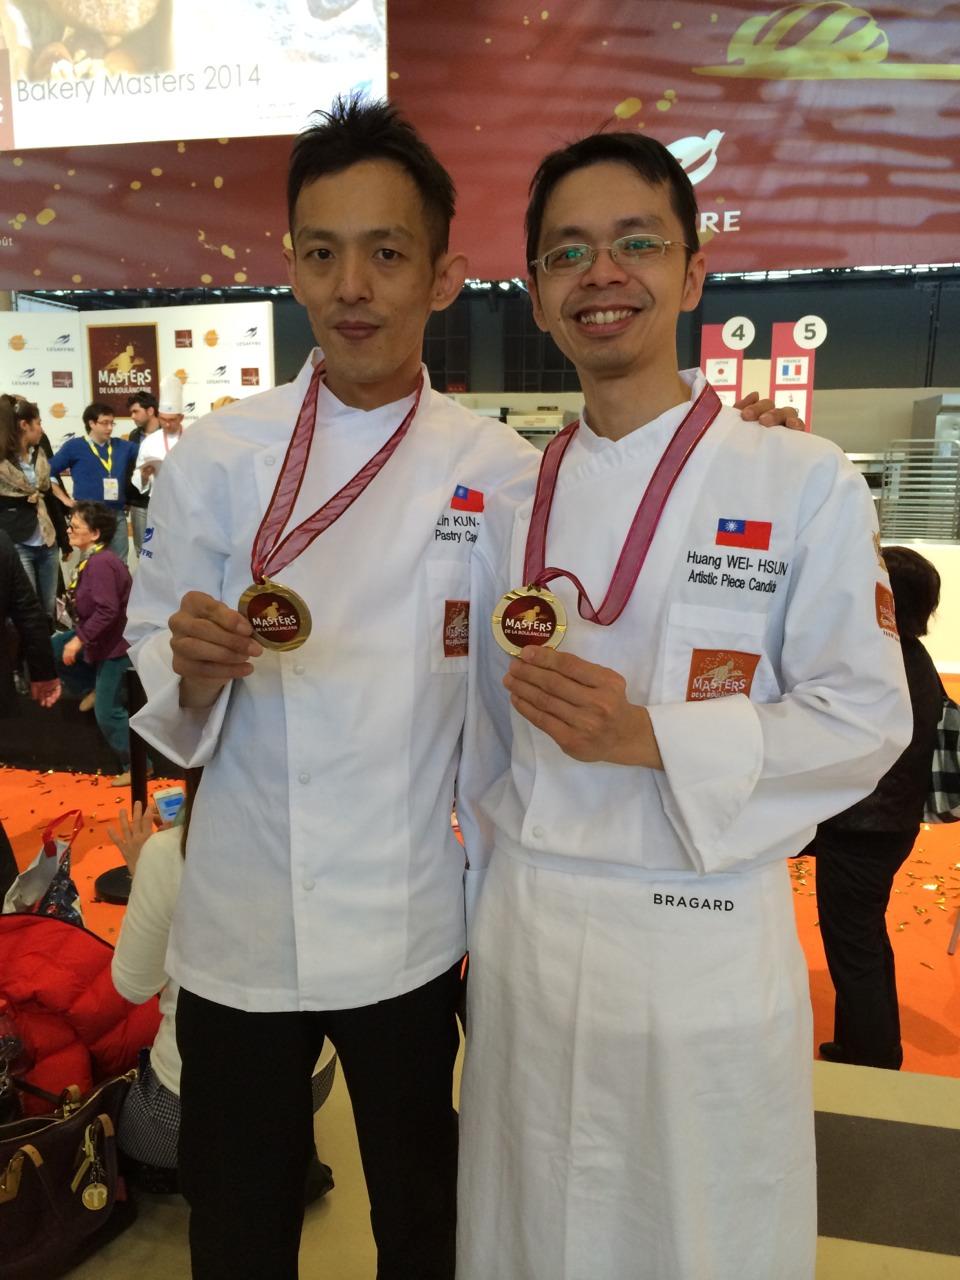 2014世界麵包大賽台灣代表選手林坤緯(左)、黃威勳(右)賽後合影